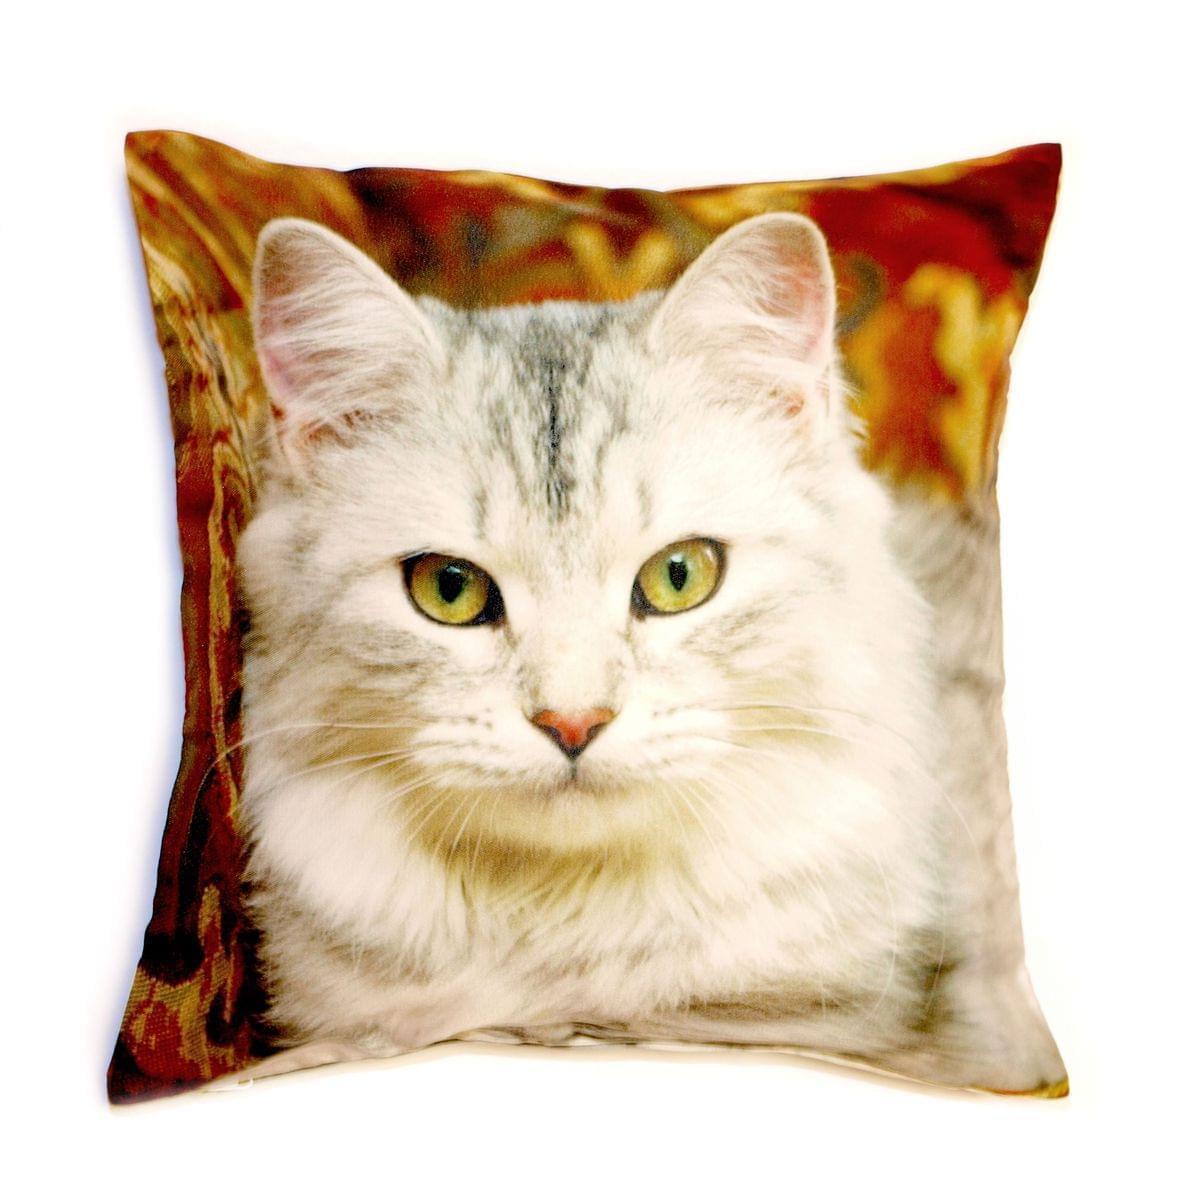 Forbyt, Fotopolštář, Kočka, 40 x 40 cm polštář (návlek + vnitřek)